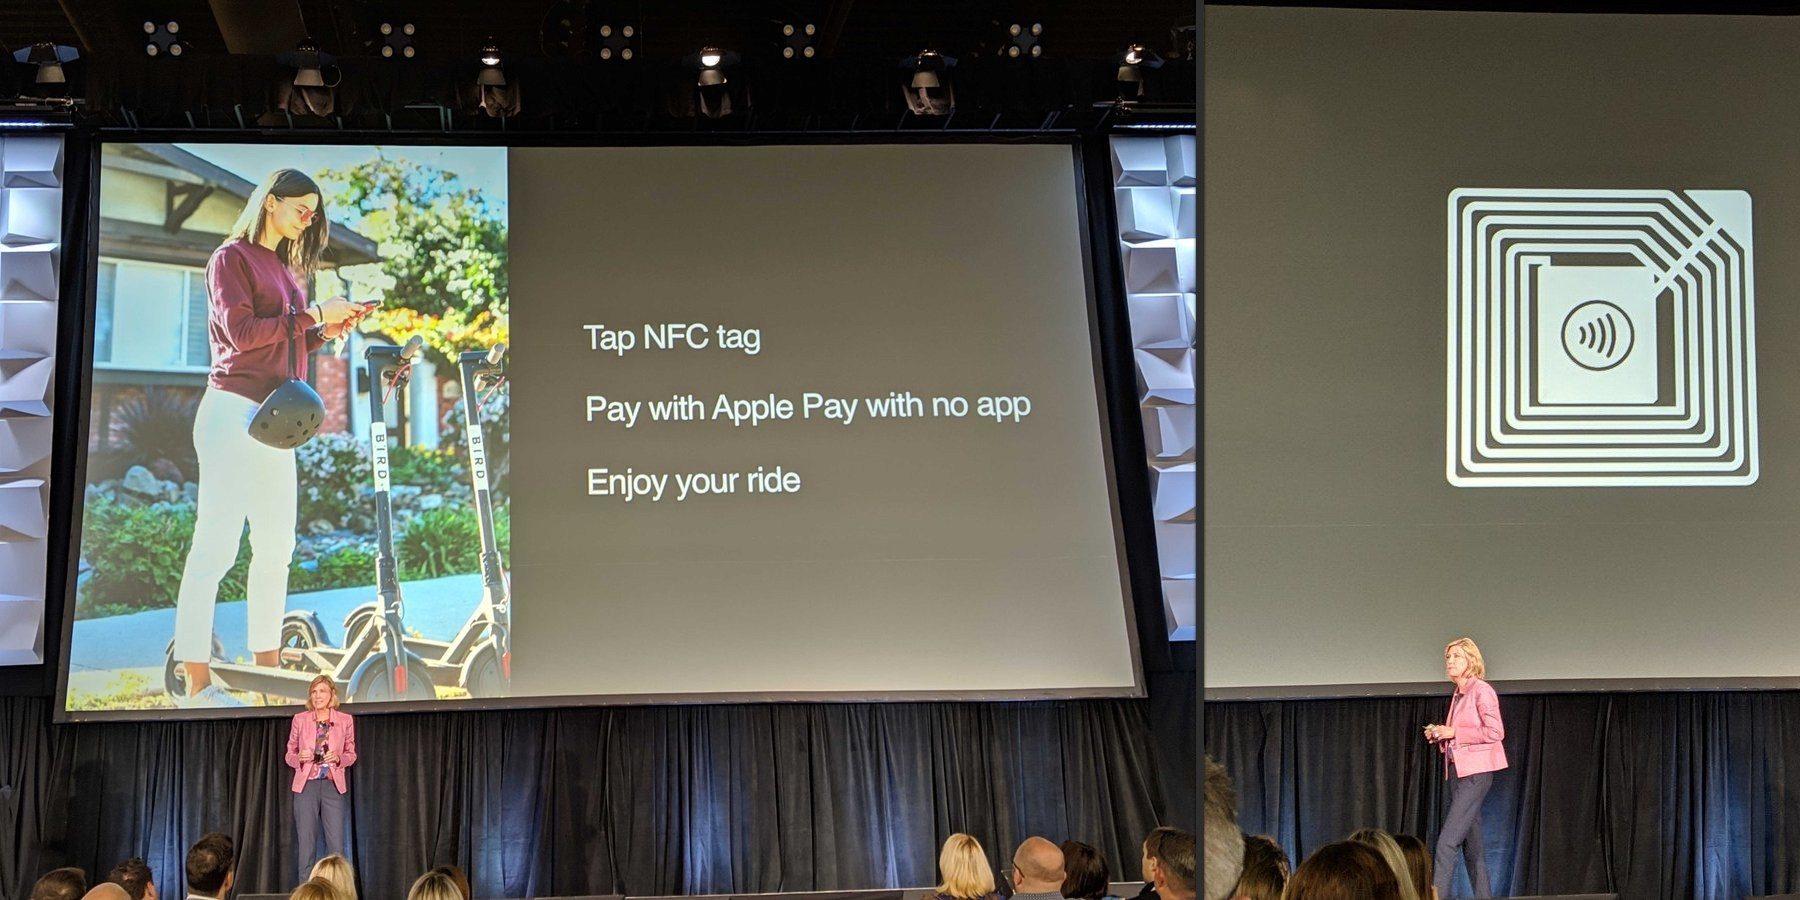 苹果宣布 Apple Pay 支持 NFC 标签